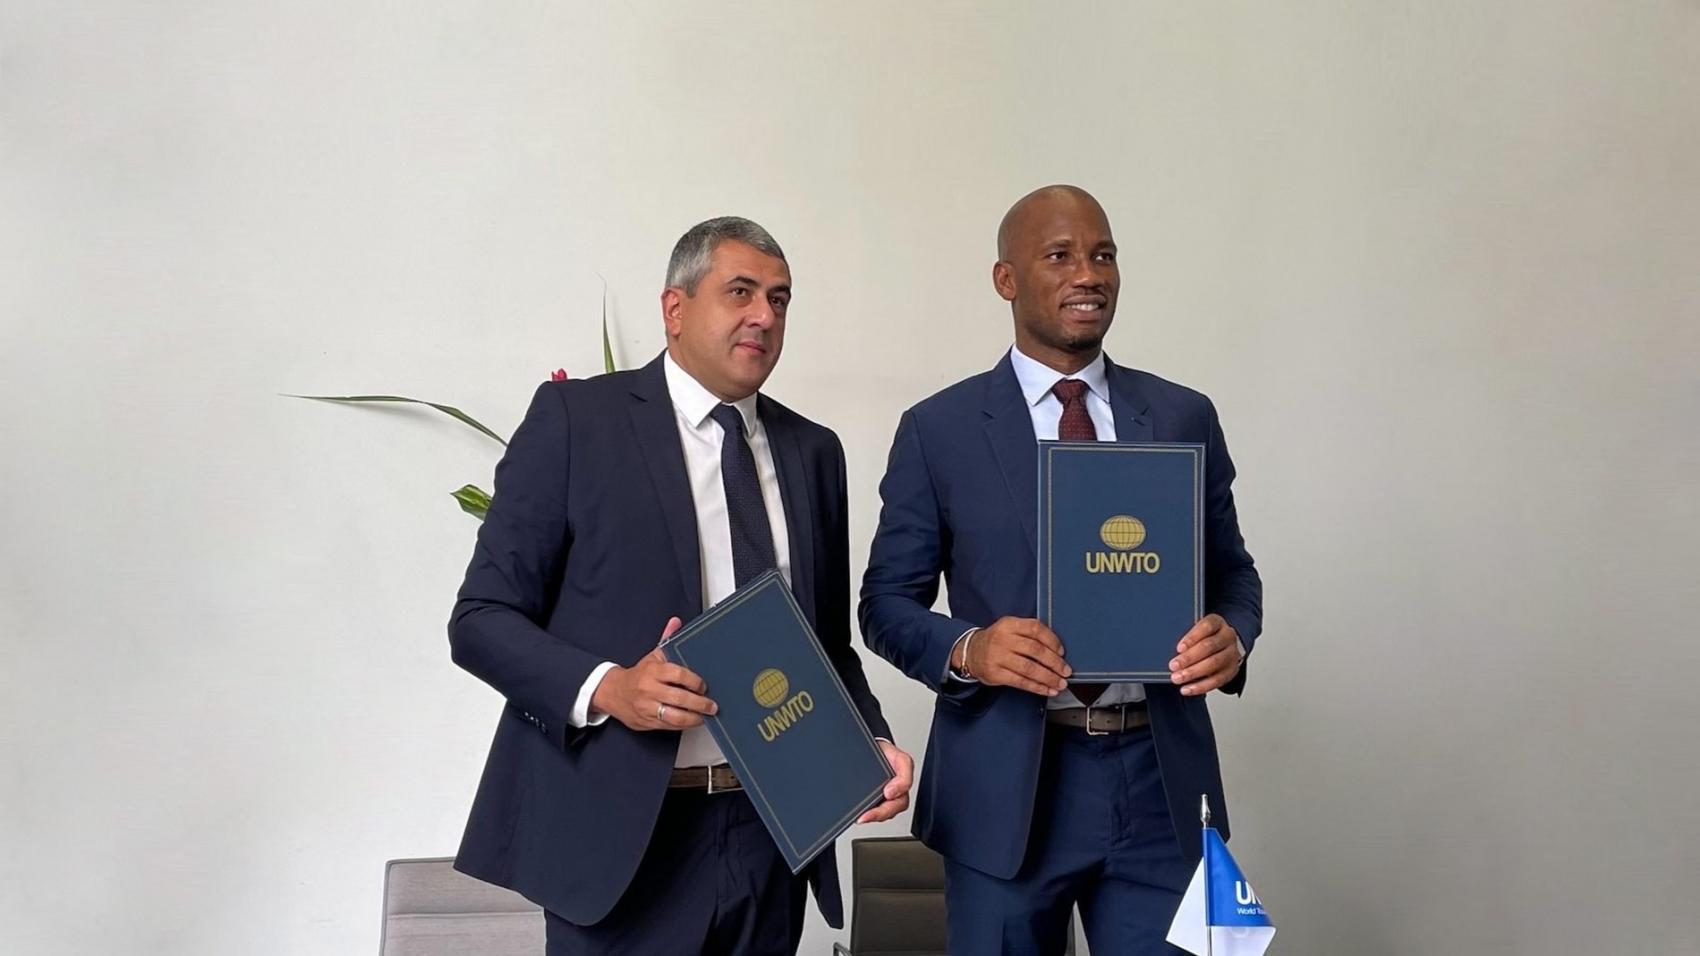 L'OMT et Didier Drogba font équipe pour ouvrir des perspectives à la jeunesse africaine